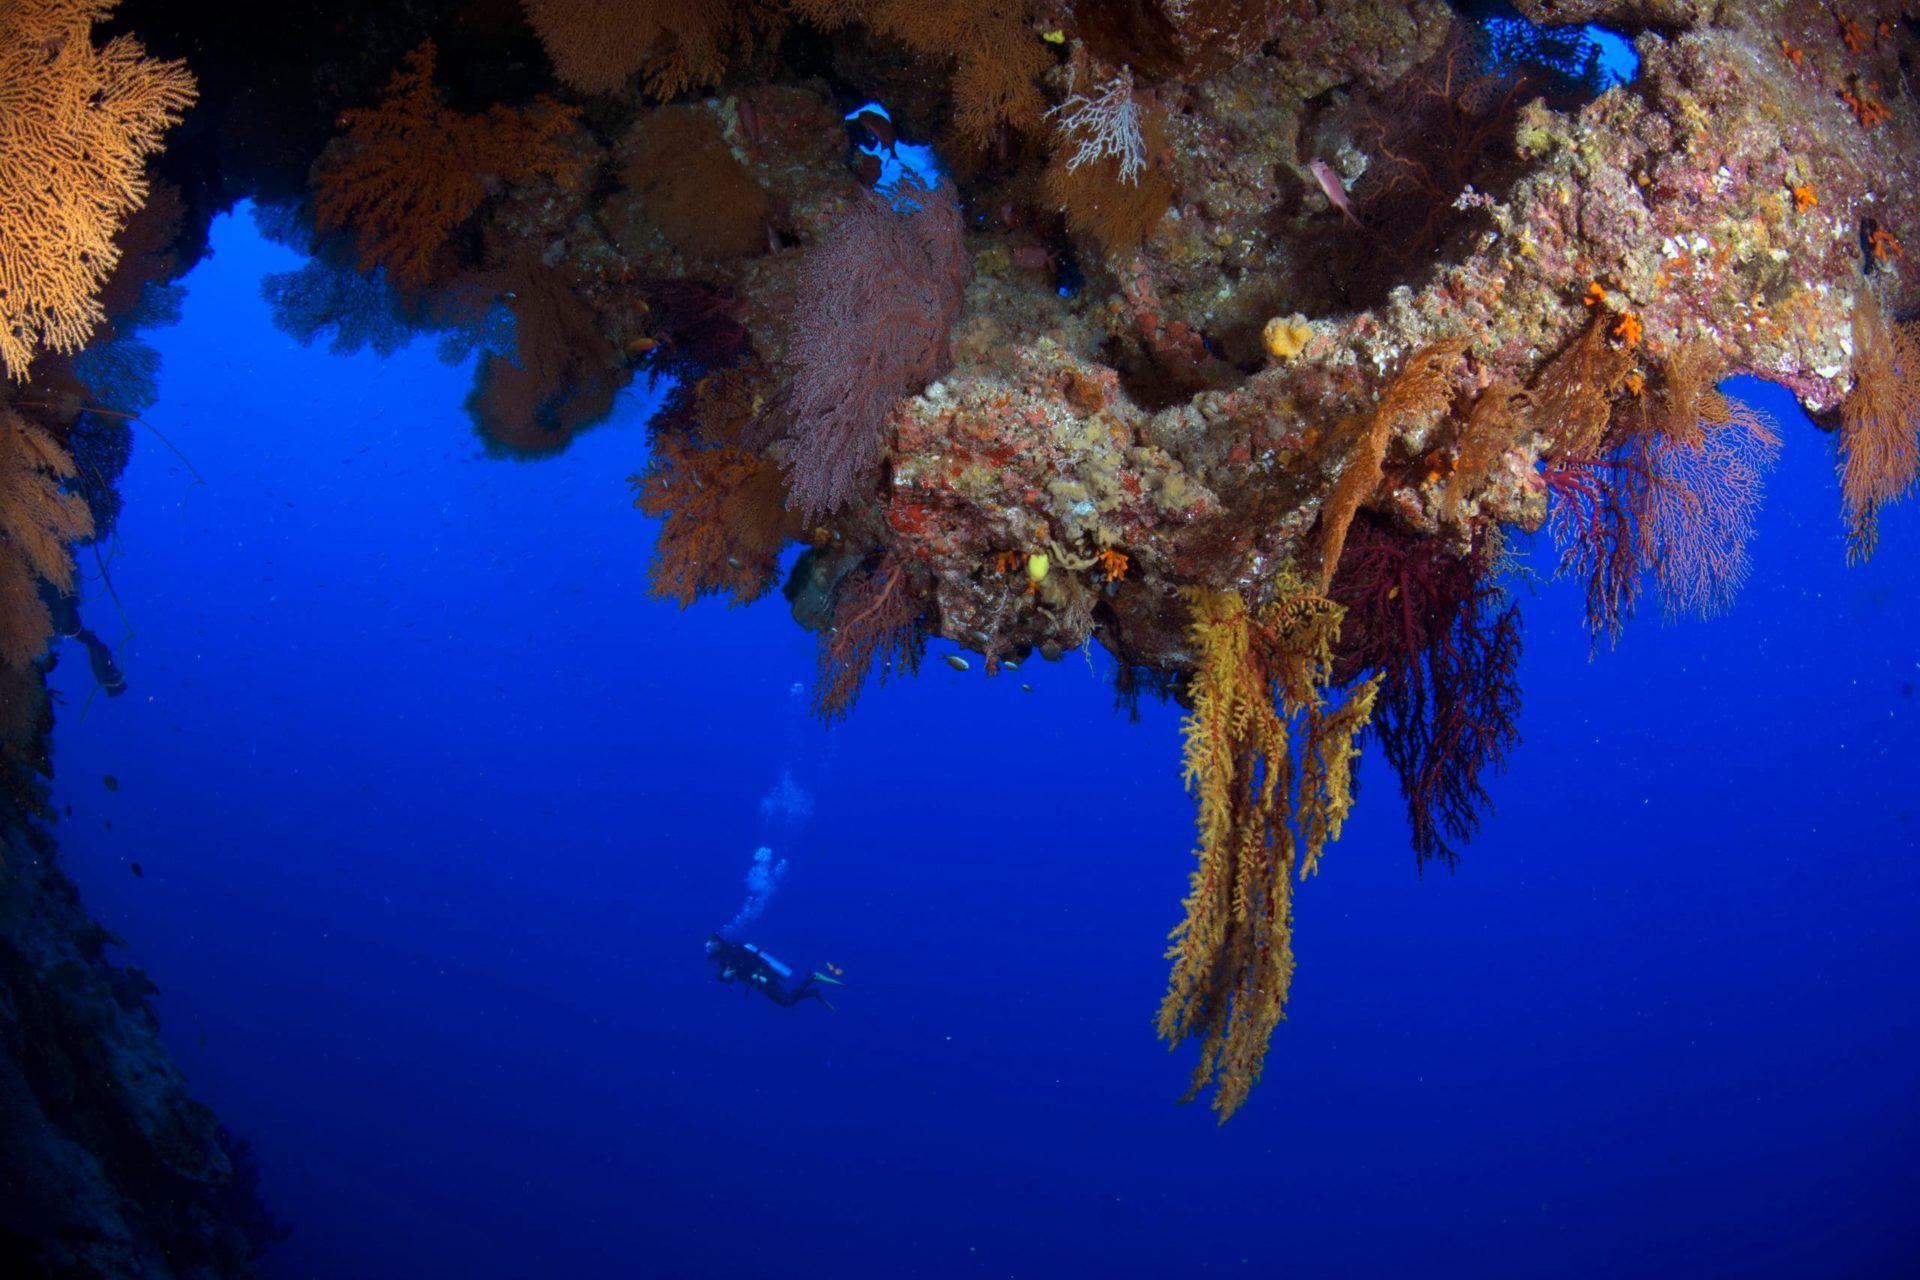 Scuba Diving The Coral Sea Cairns Part 2